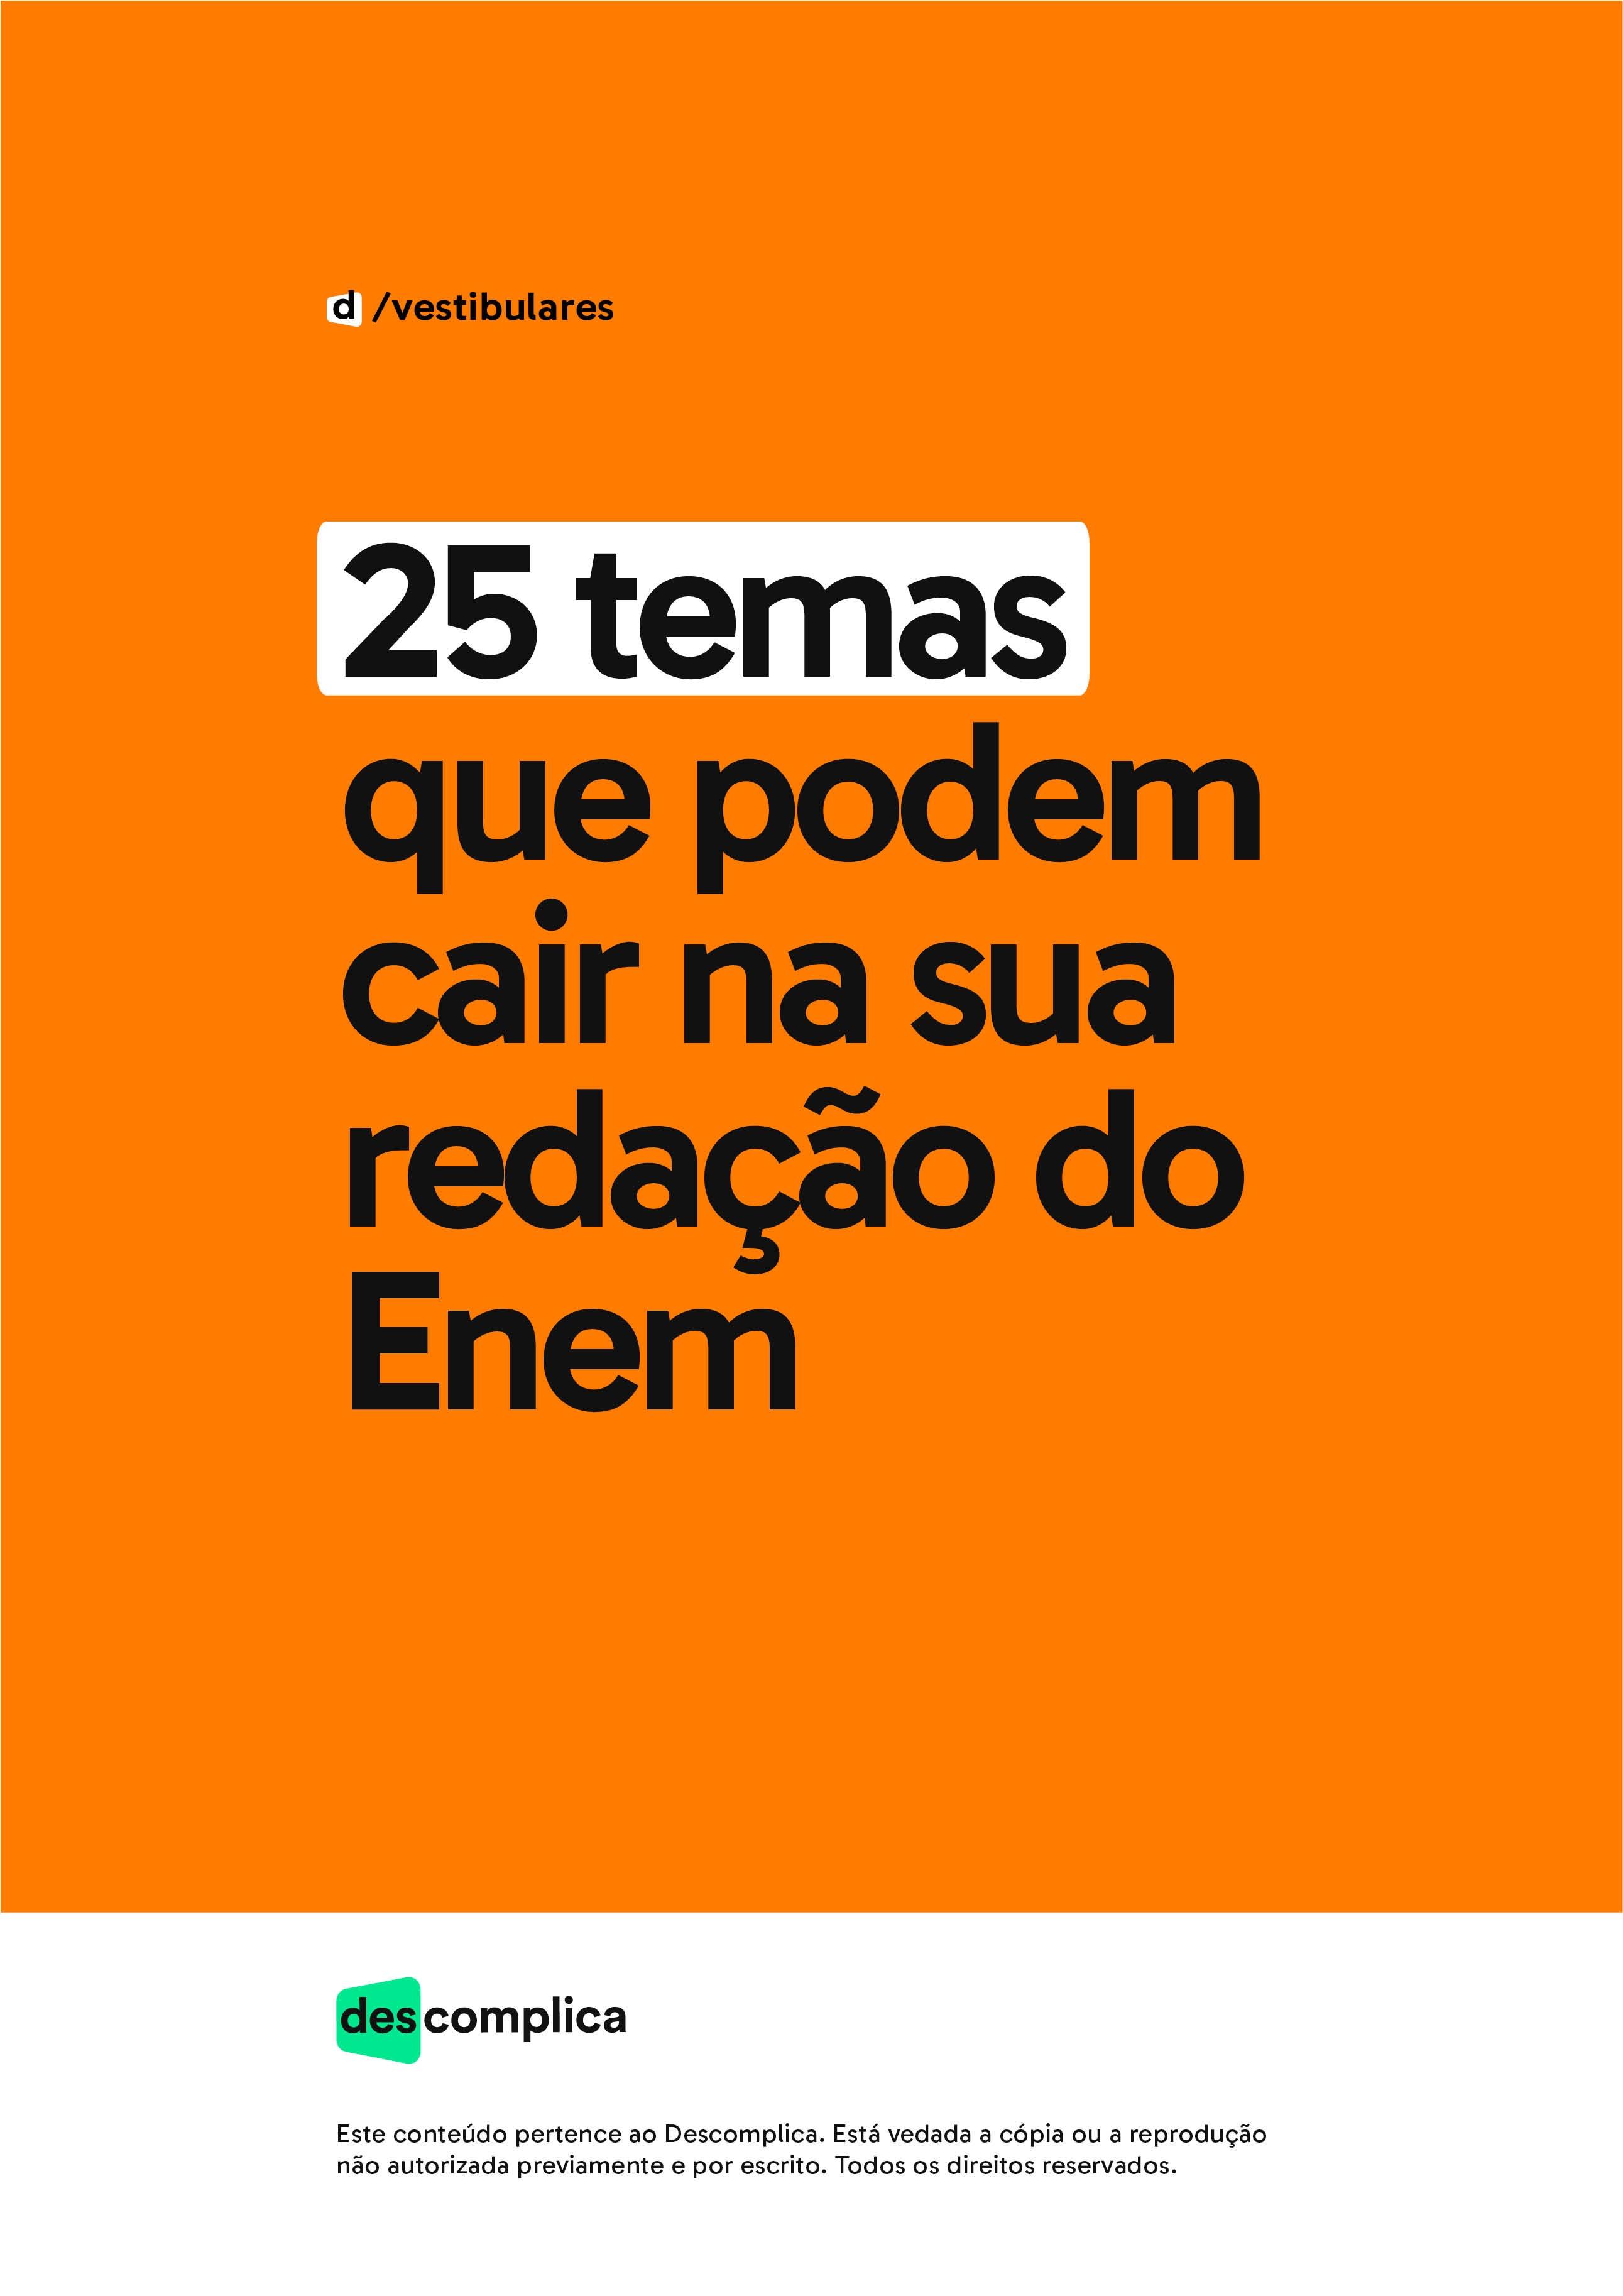 25temas (2).jpg